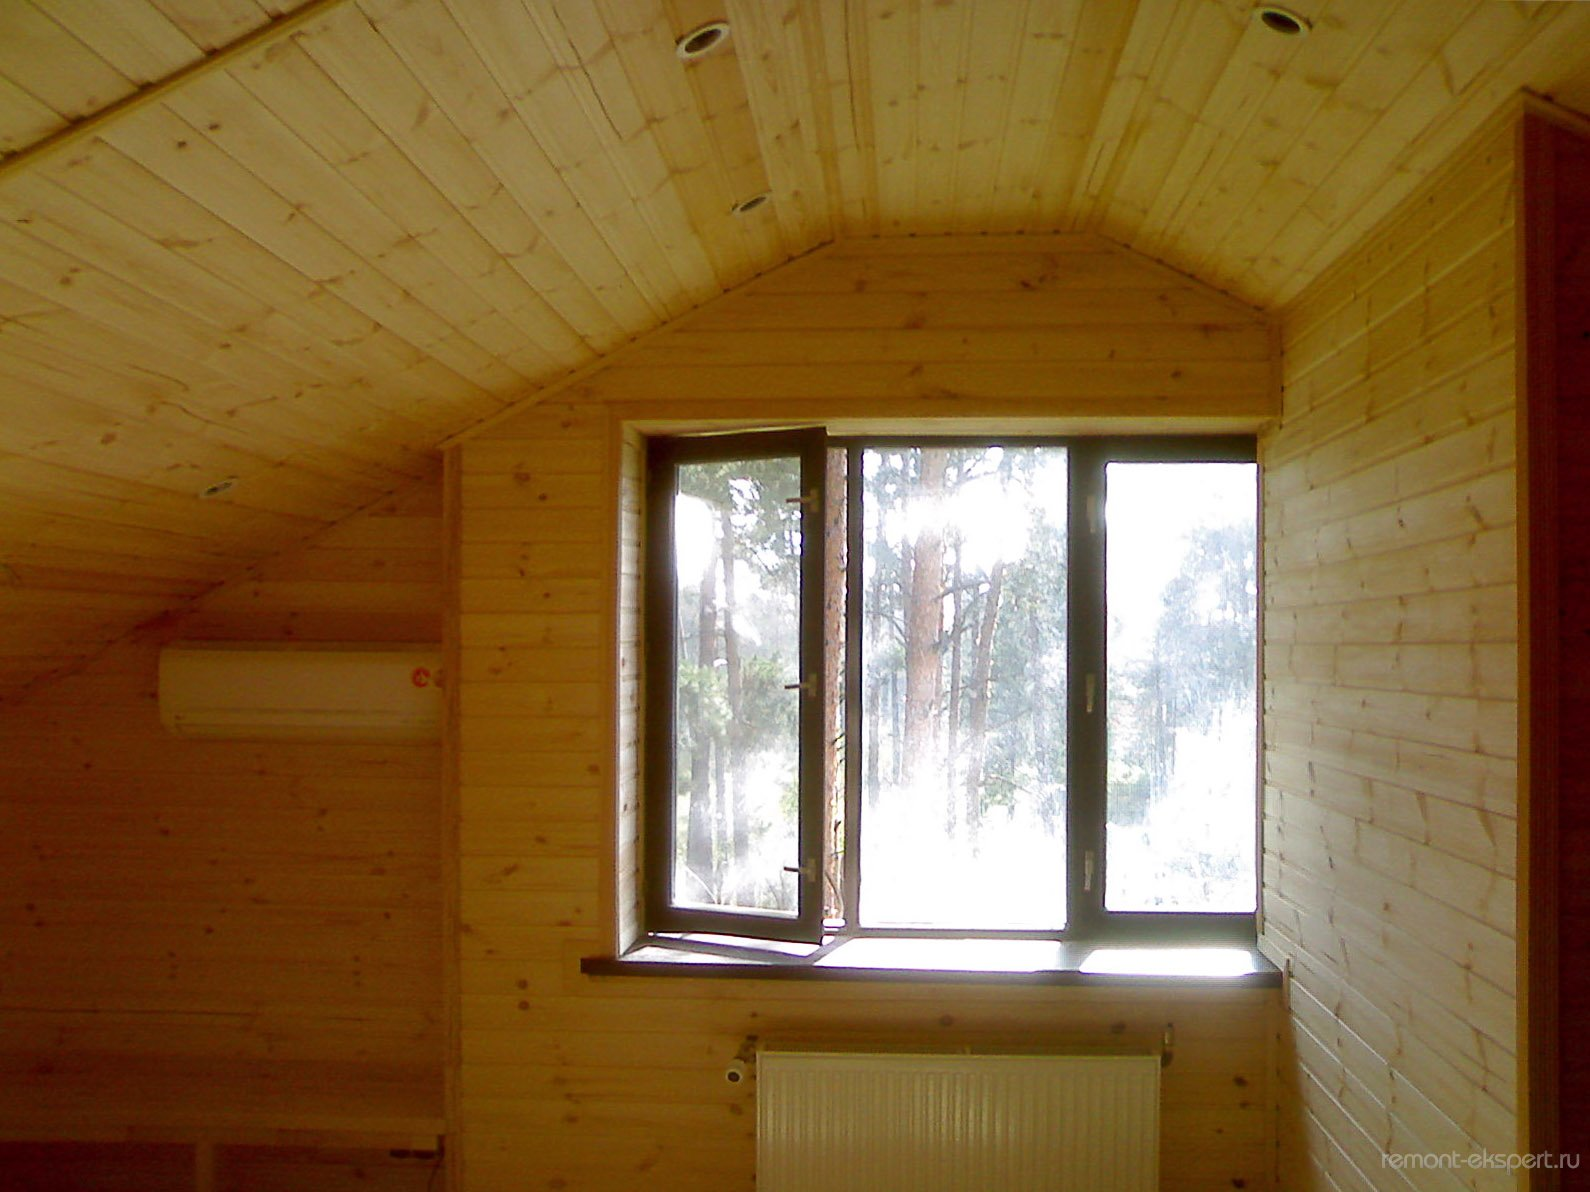 Фото утепления и отделки балконов в сургуте.